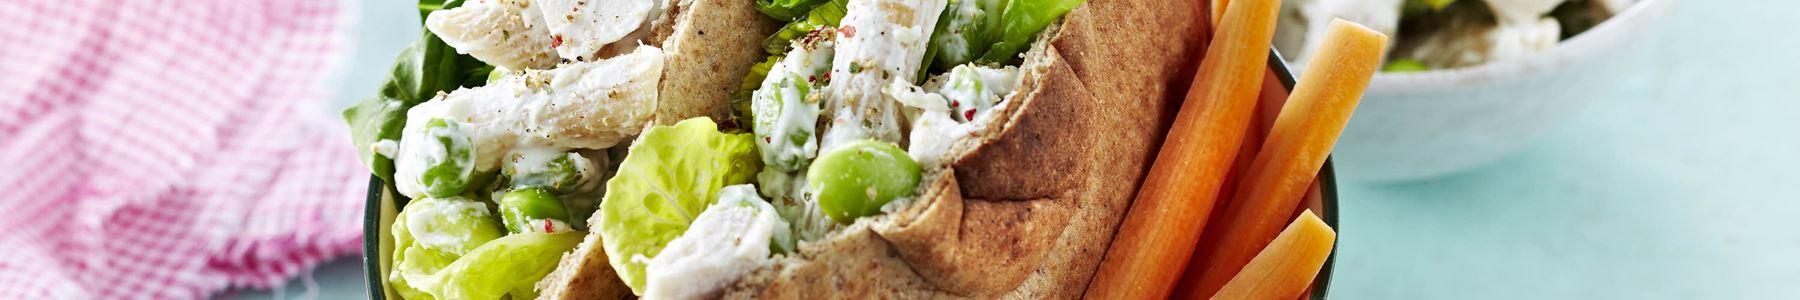 Salater + Familiens favoritter + Madpakke + Efterår